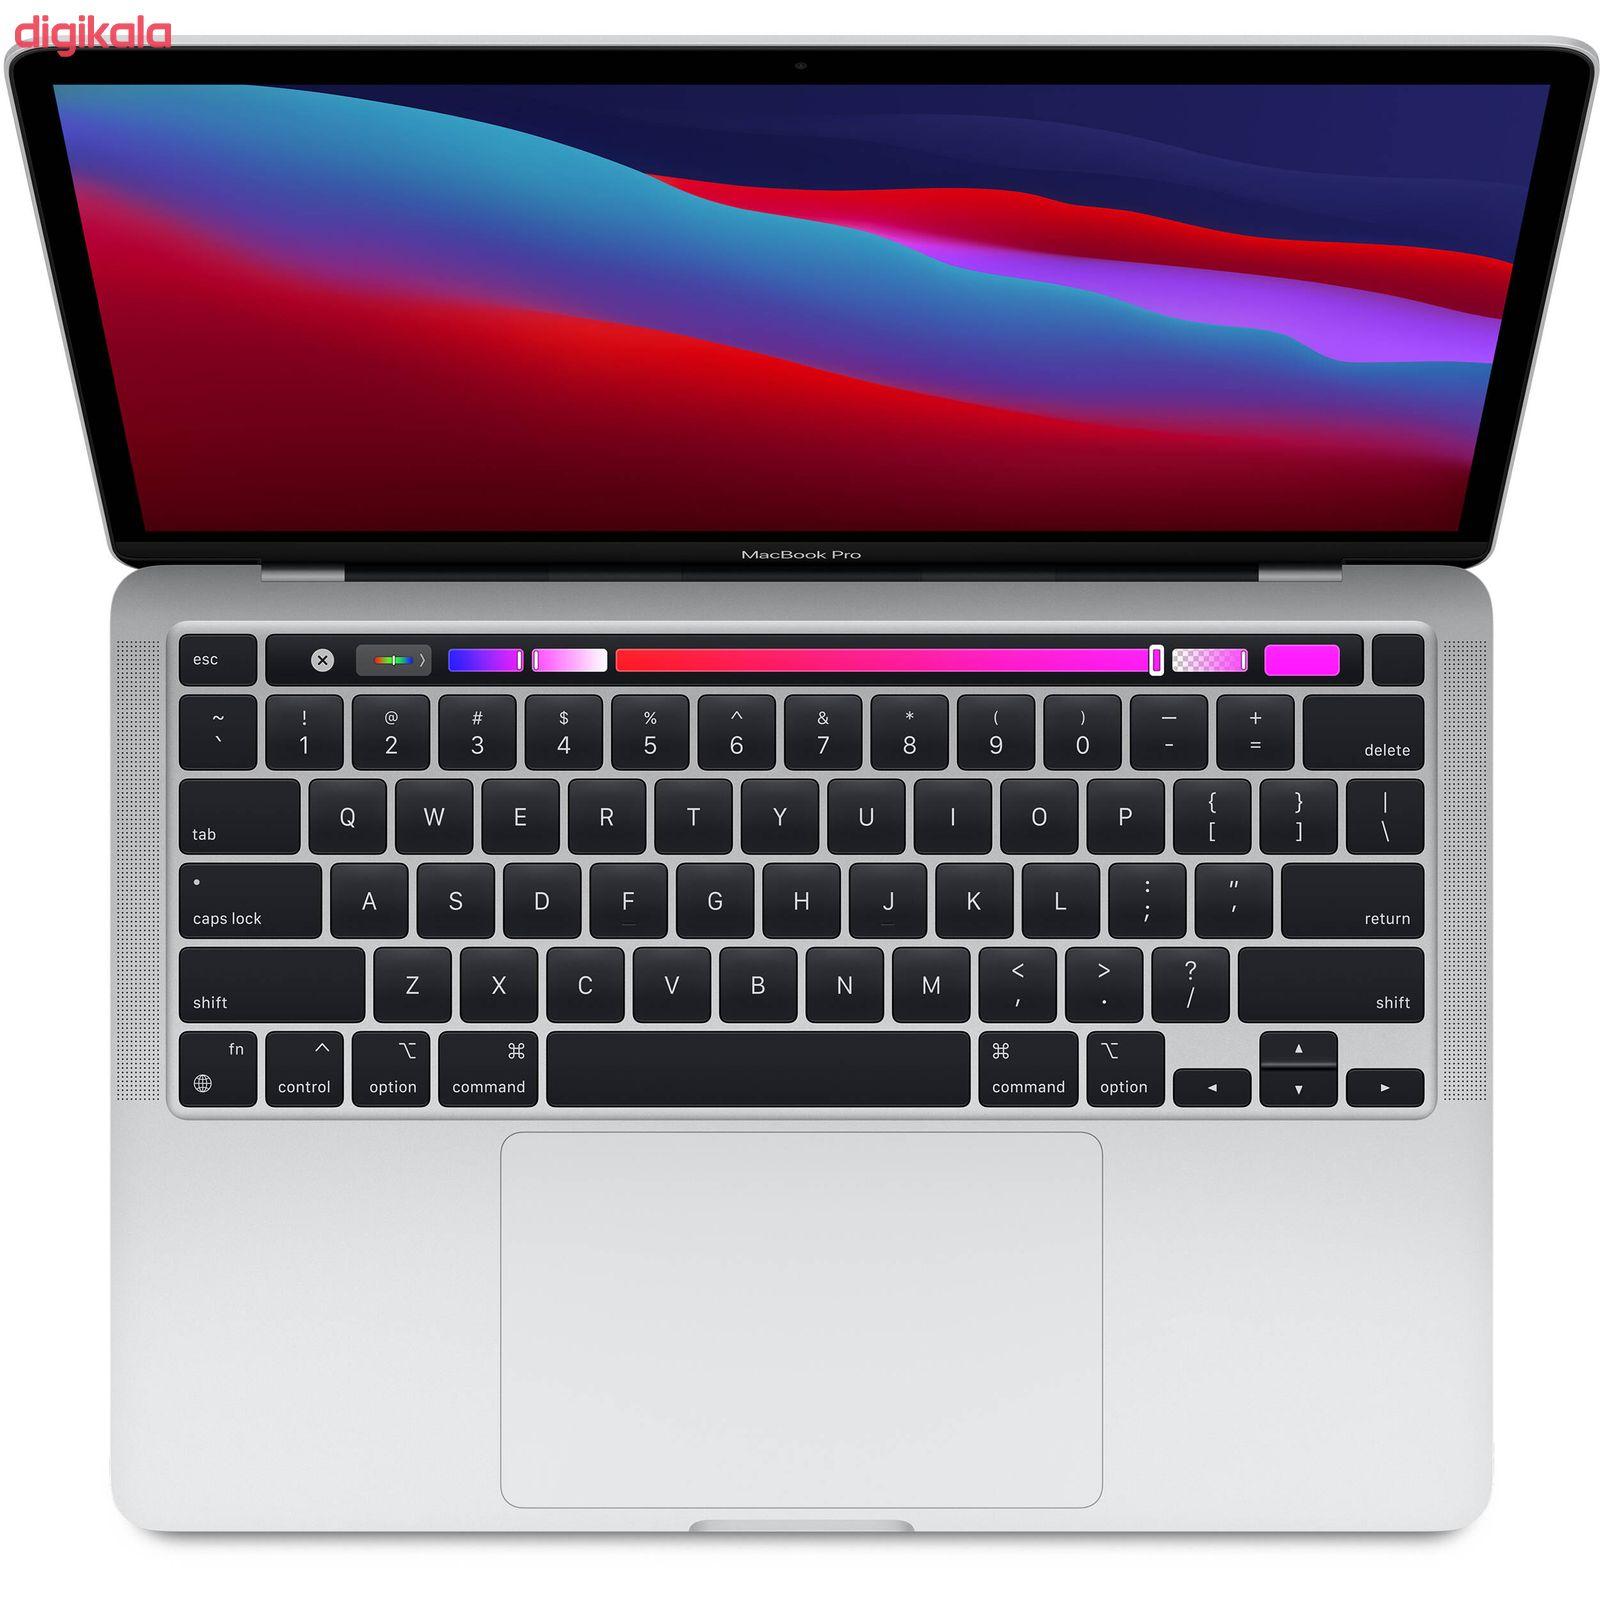 لپ تاپ 13 اینچی اپل مدل MacBook Pro MYDA2 2020 همراه با تاچ بار  main 1 1